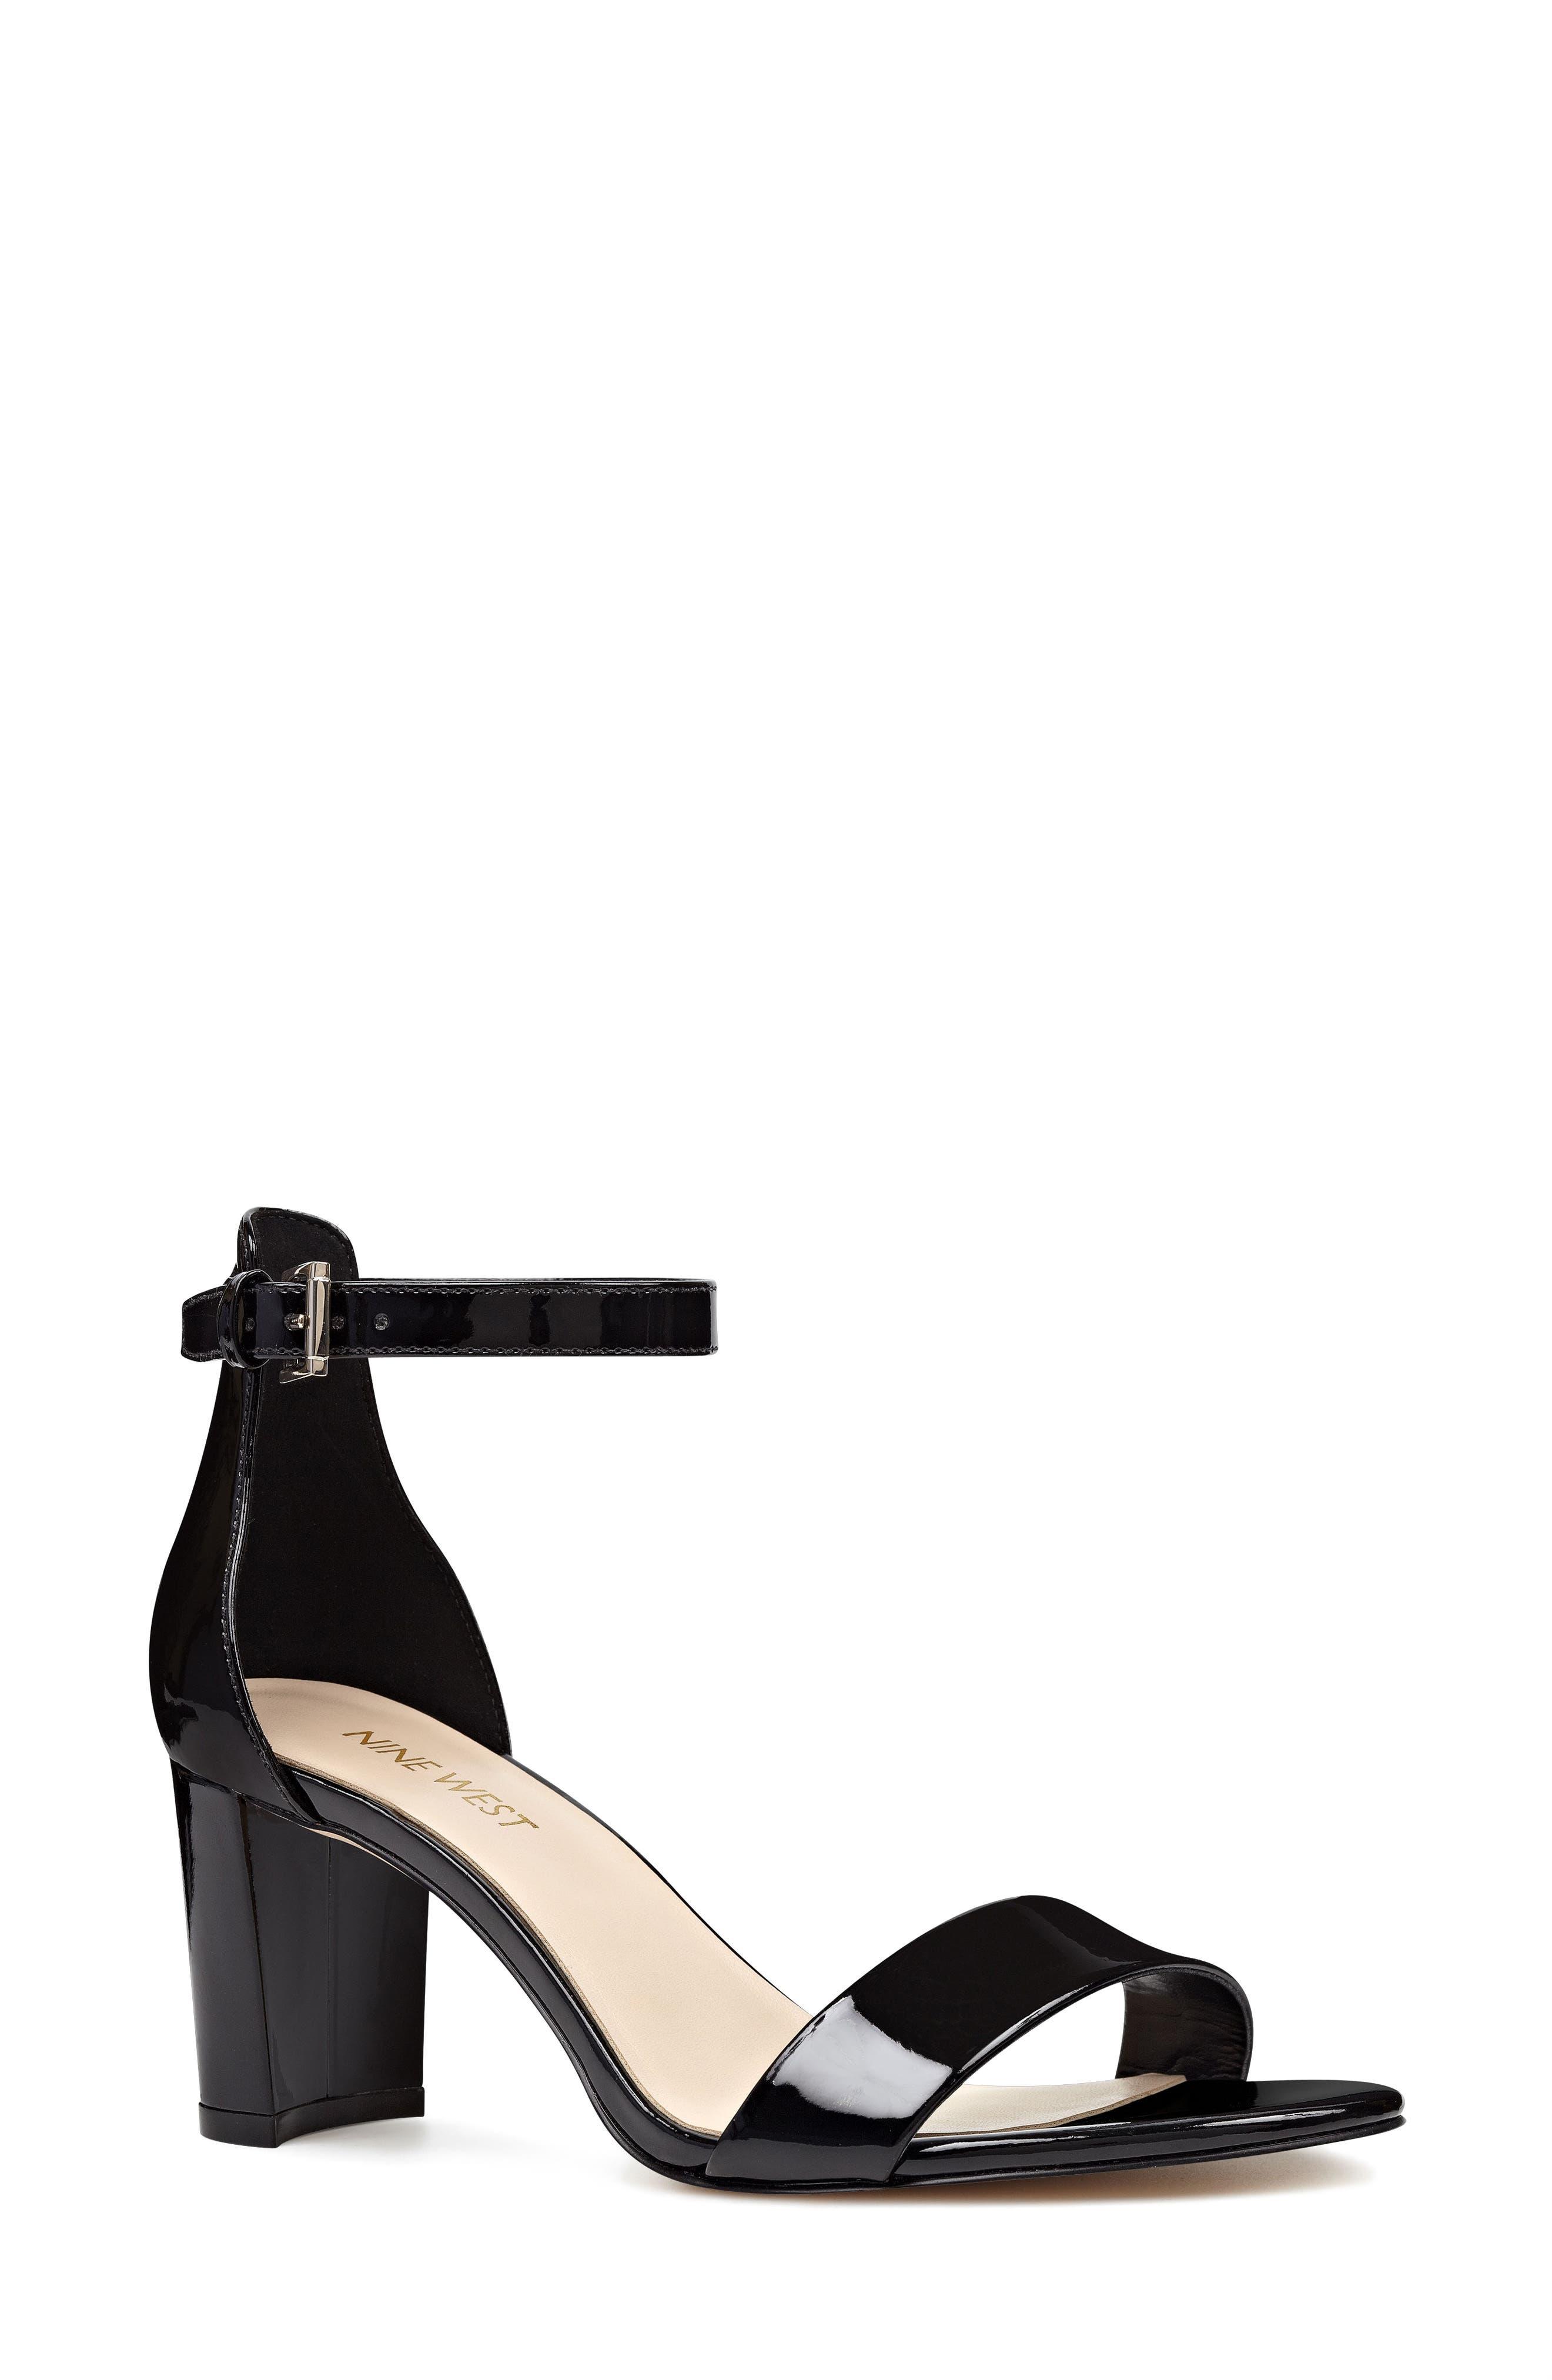 NINE WEST, Pruce Ankle Strap Sandal, Main thumbnail 1, color, BLACK PATENT